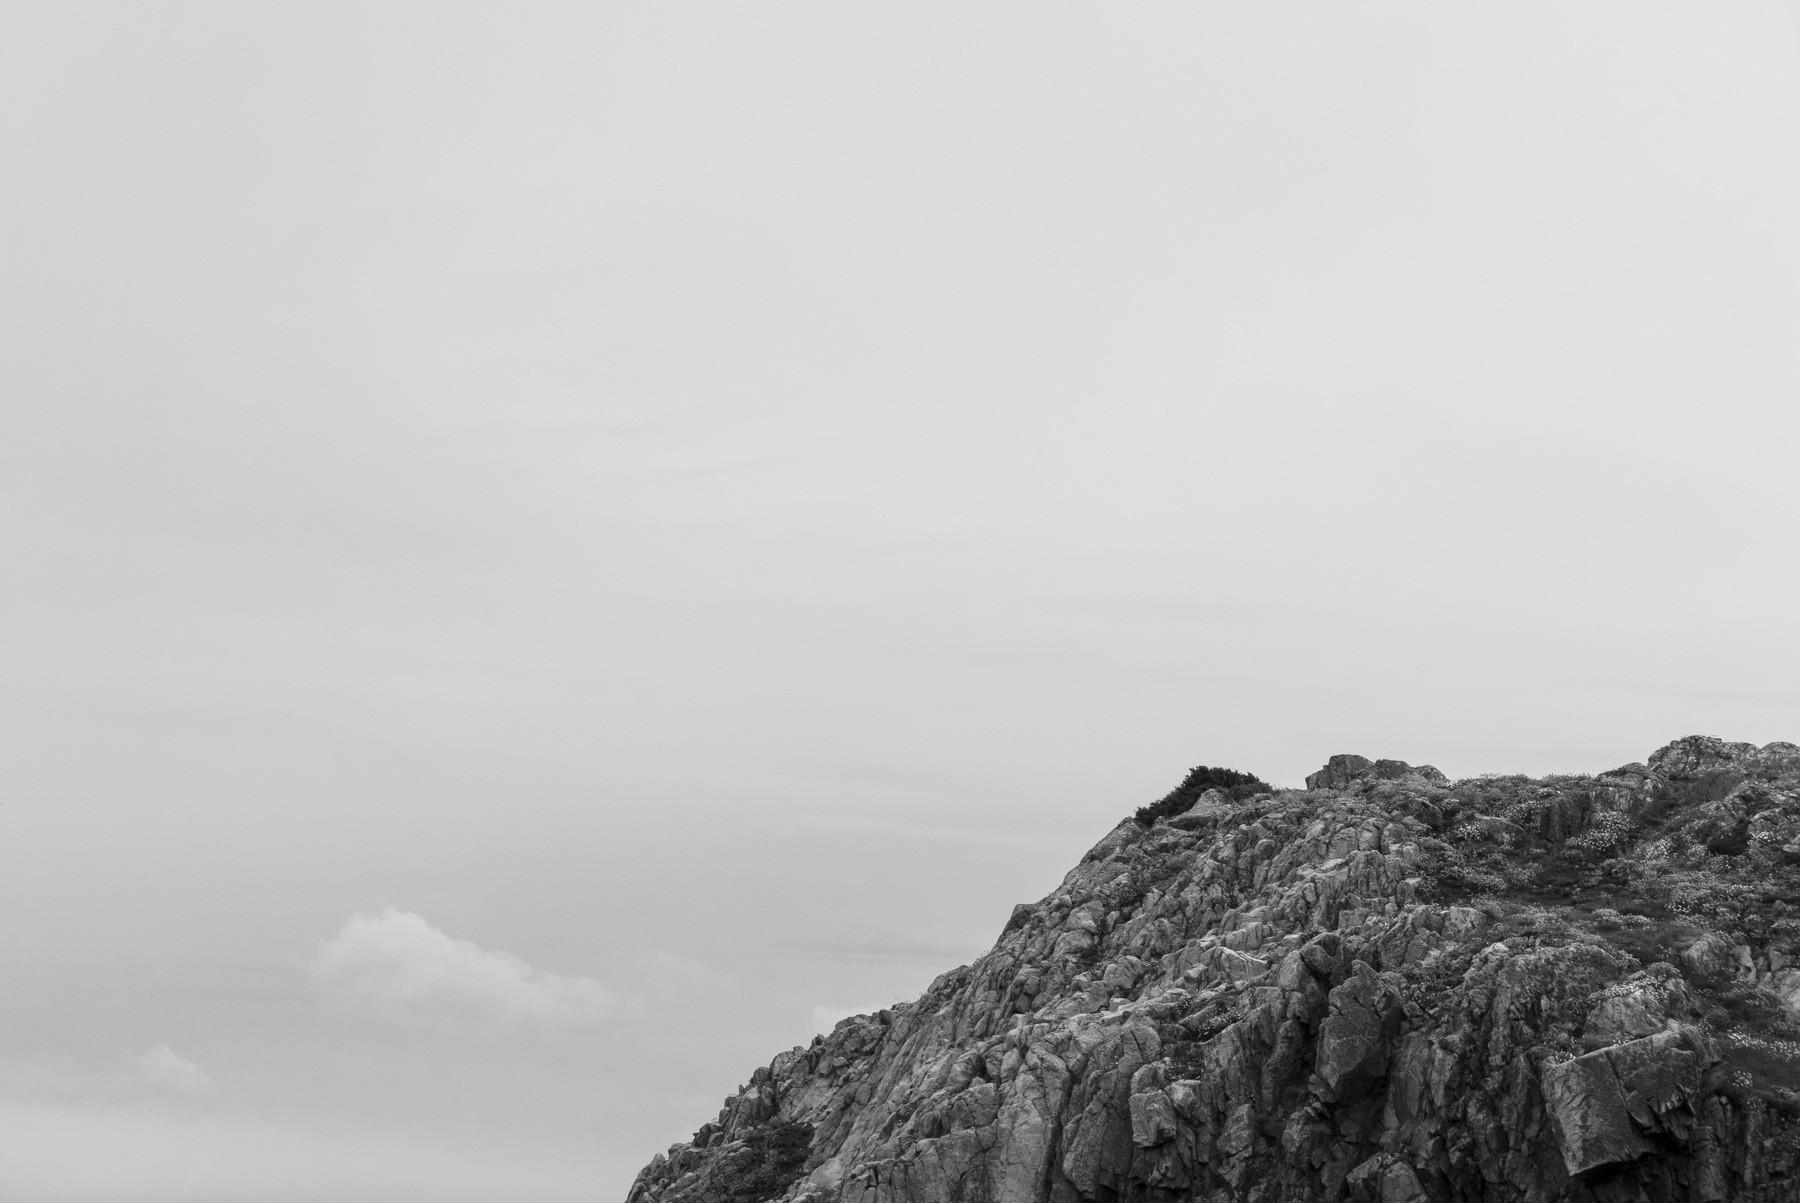 Landskabsfotografering i sort/hvid, Kullen, Sverige